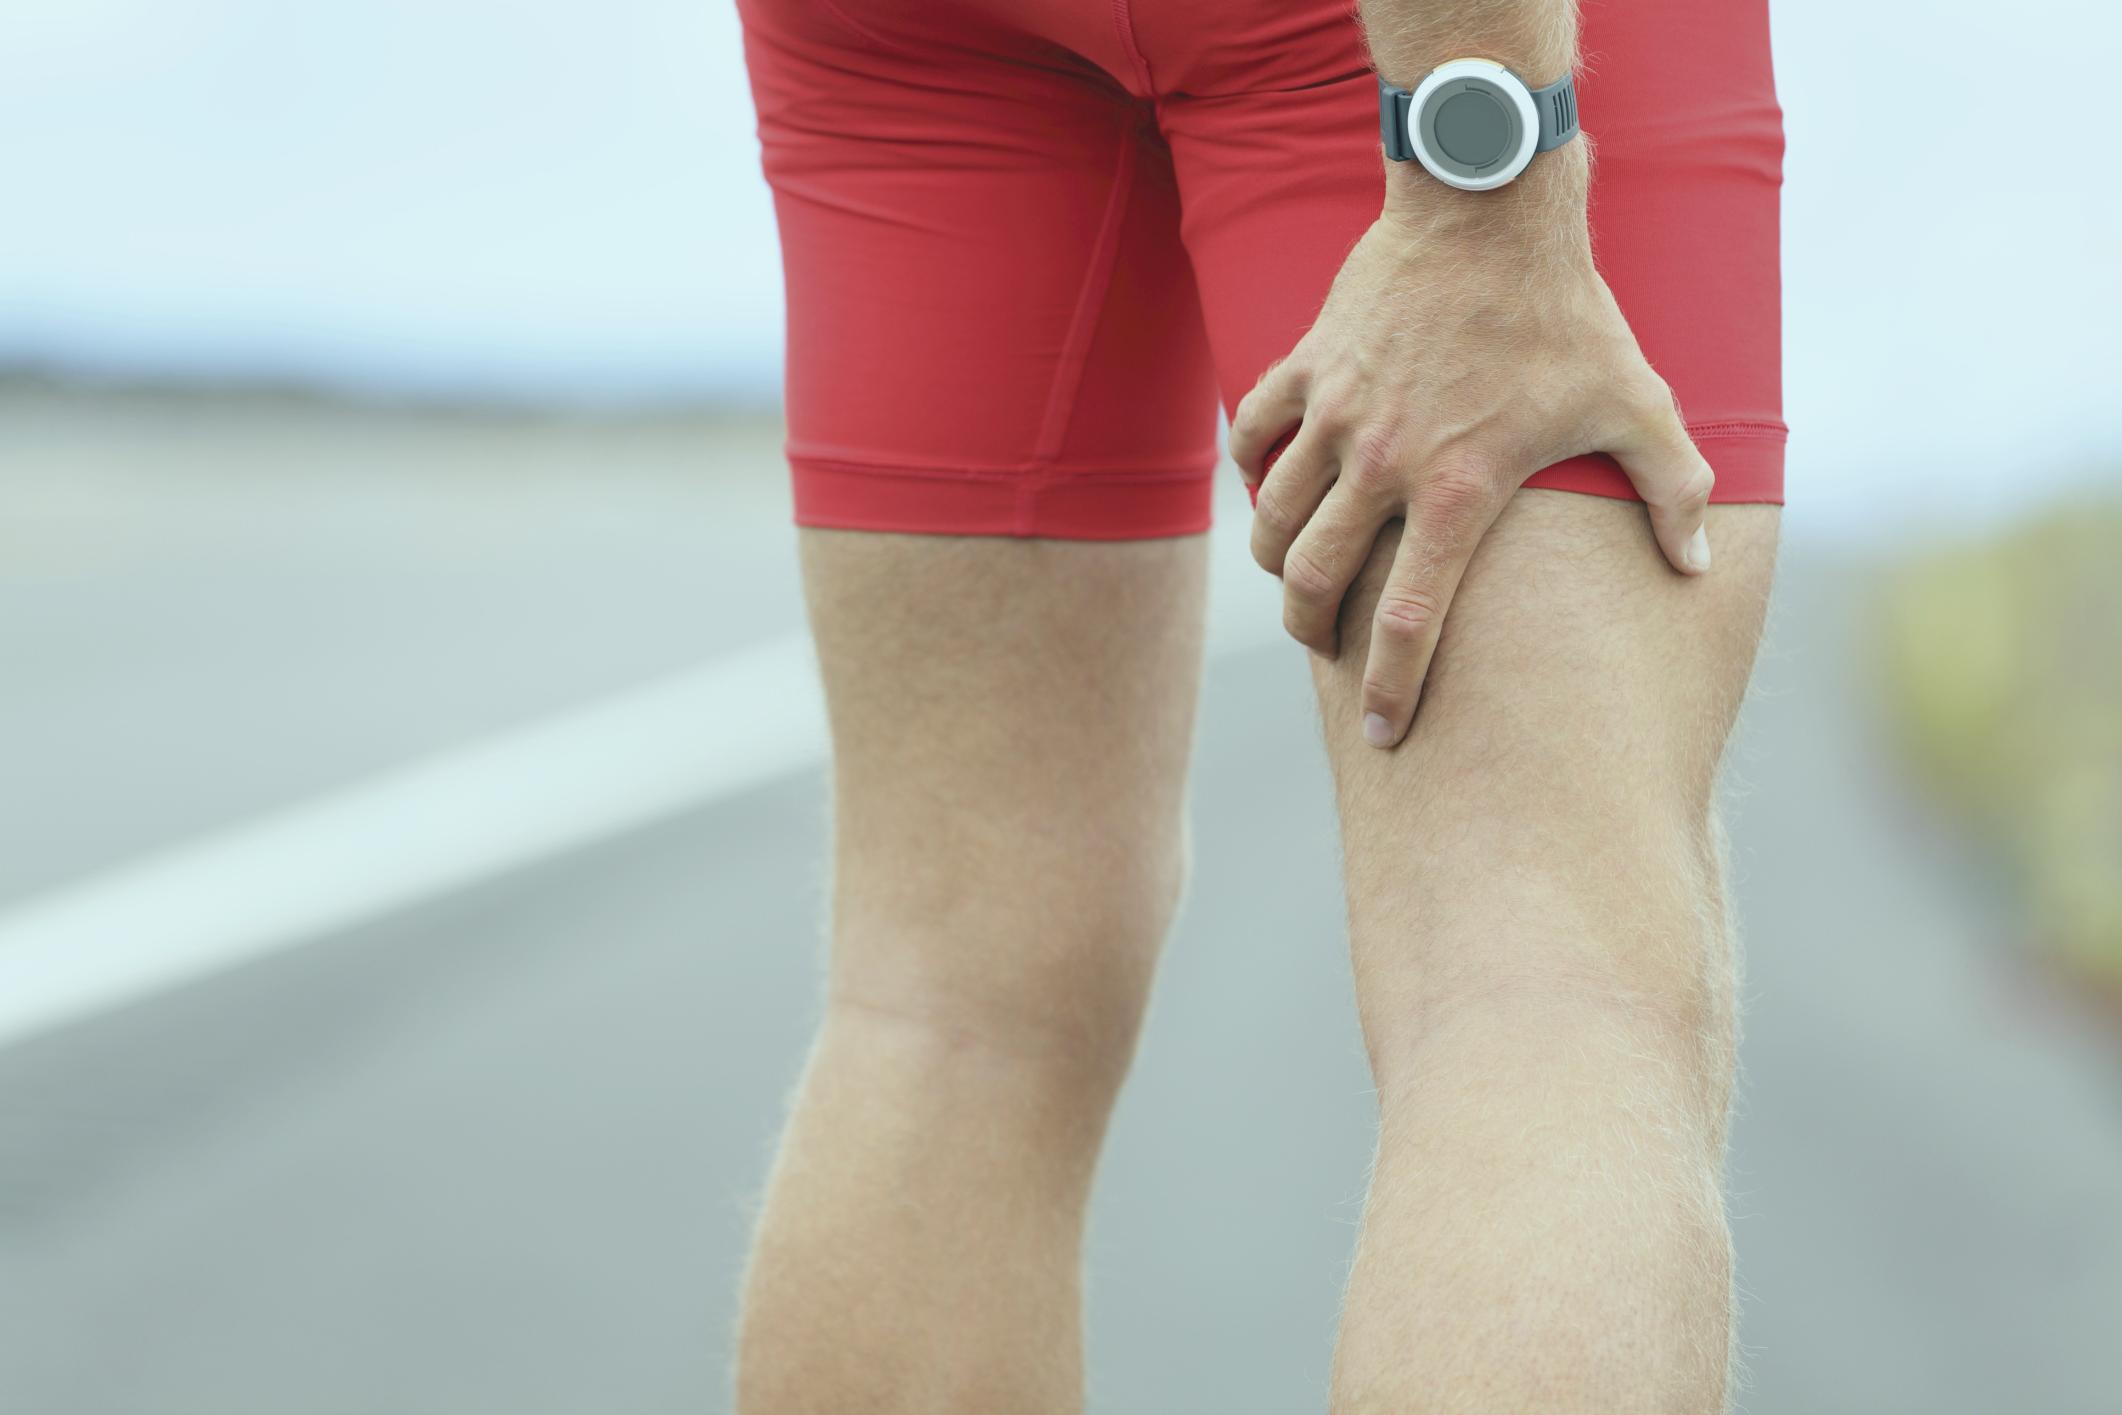 fisioterapueta malaga sobrecarga muscular piernas